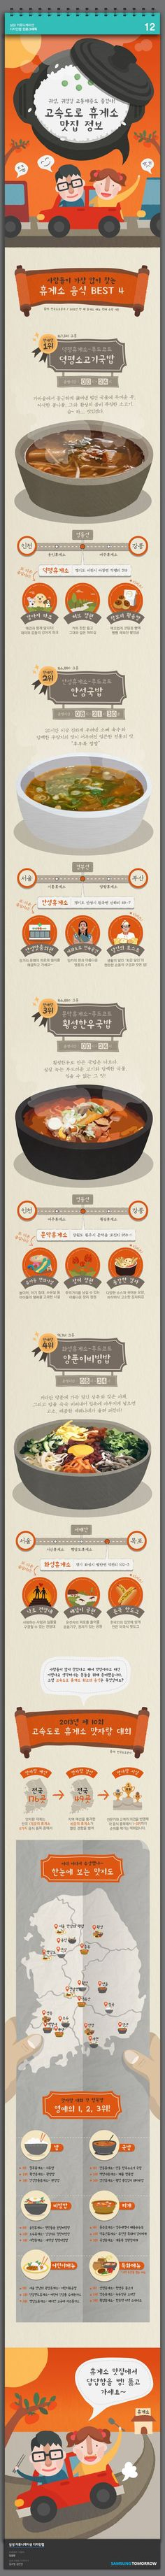 추석 귀성길, 전국 휴게소 '최고의 맛집은 어디?'에 관한 인포그래픽: